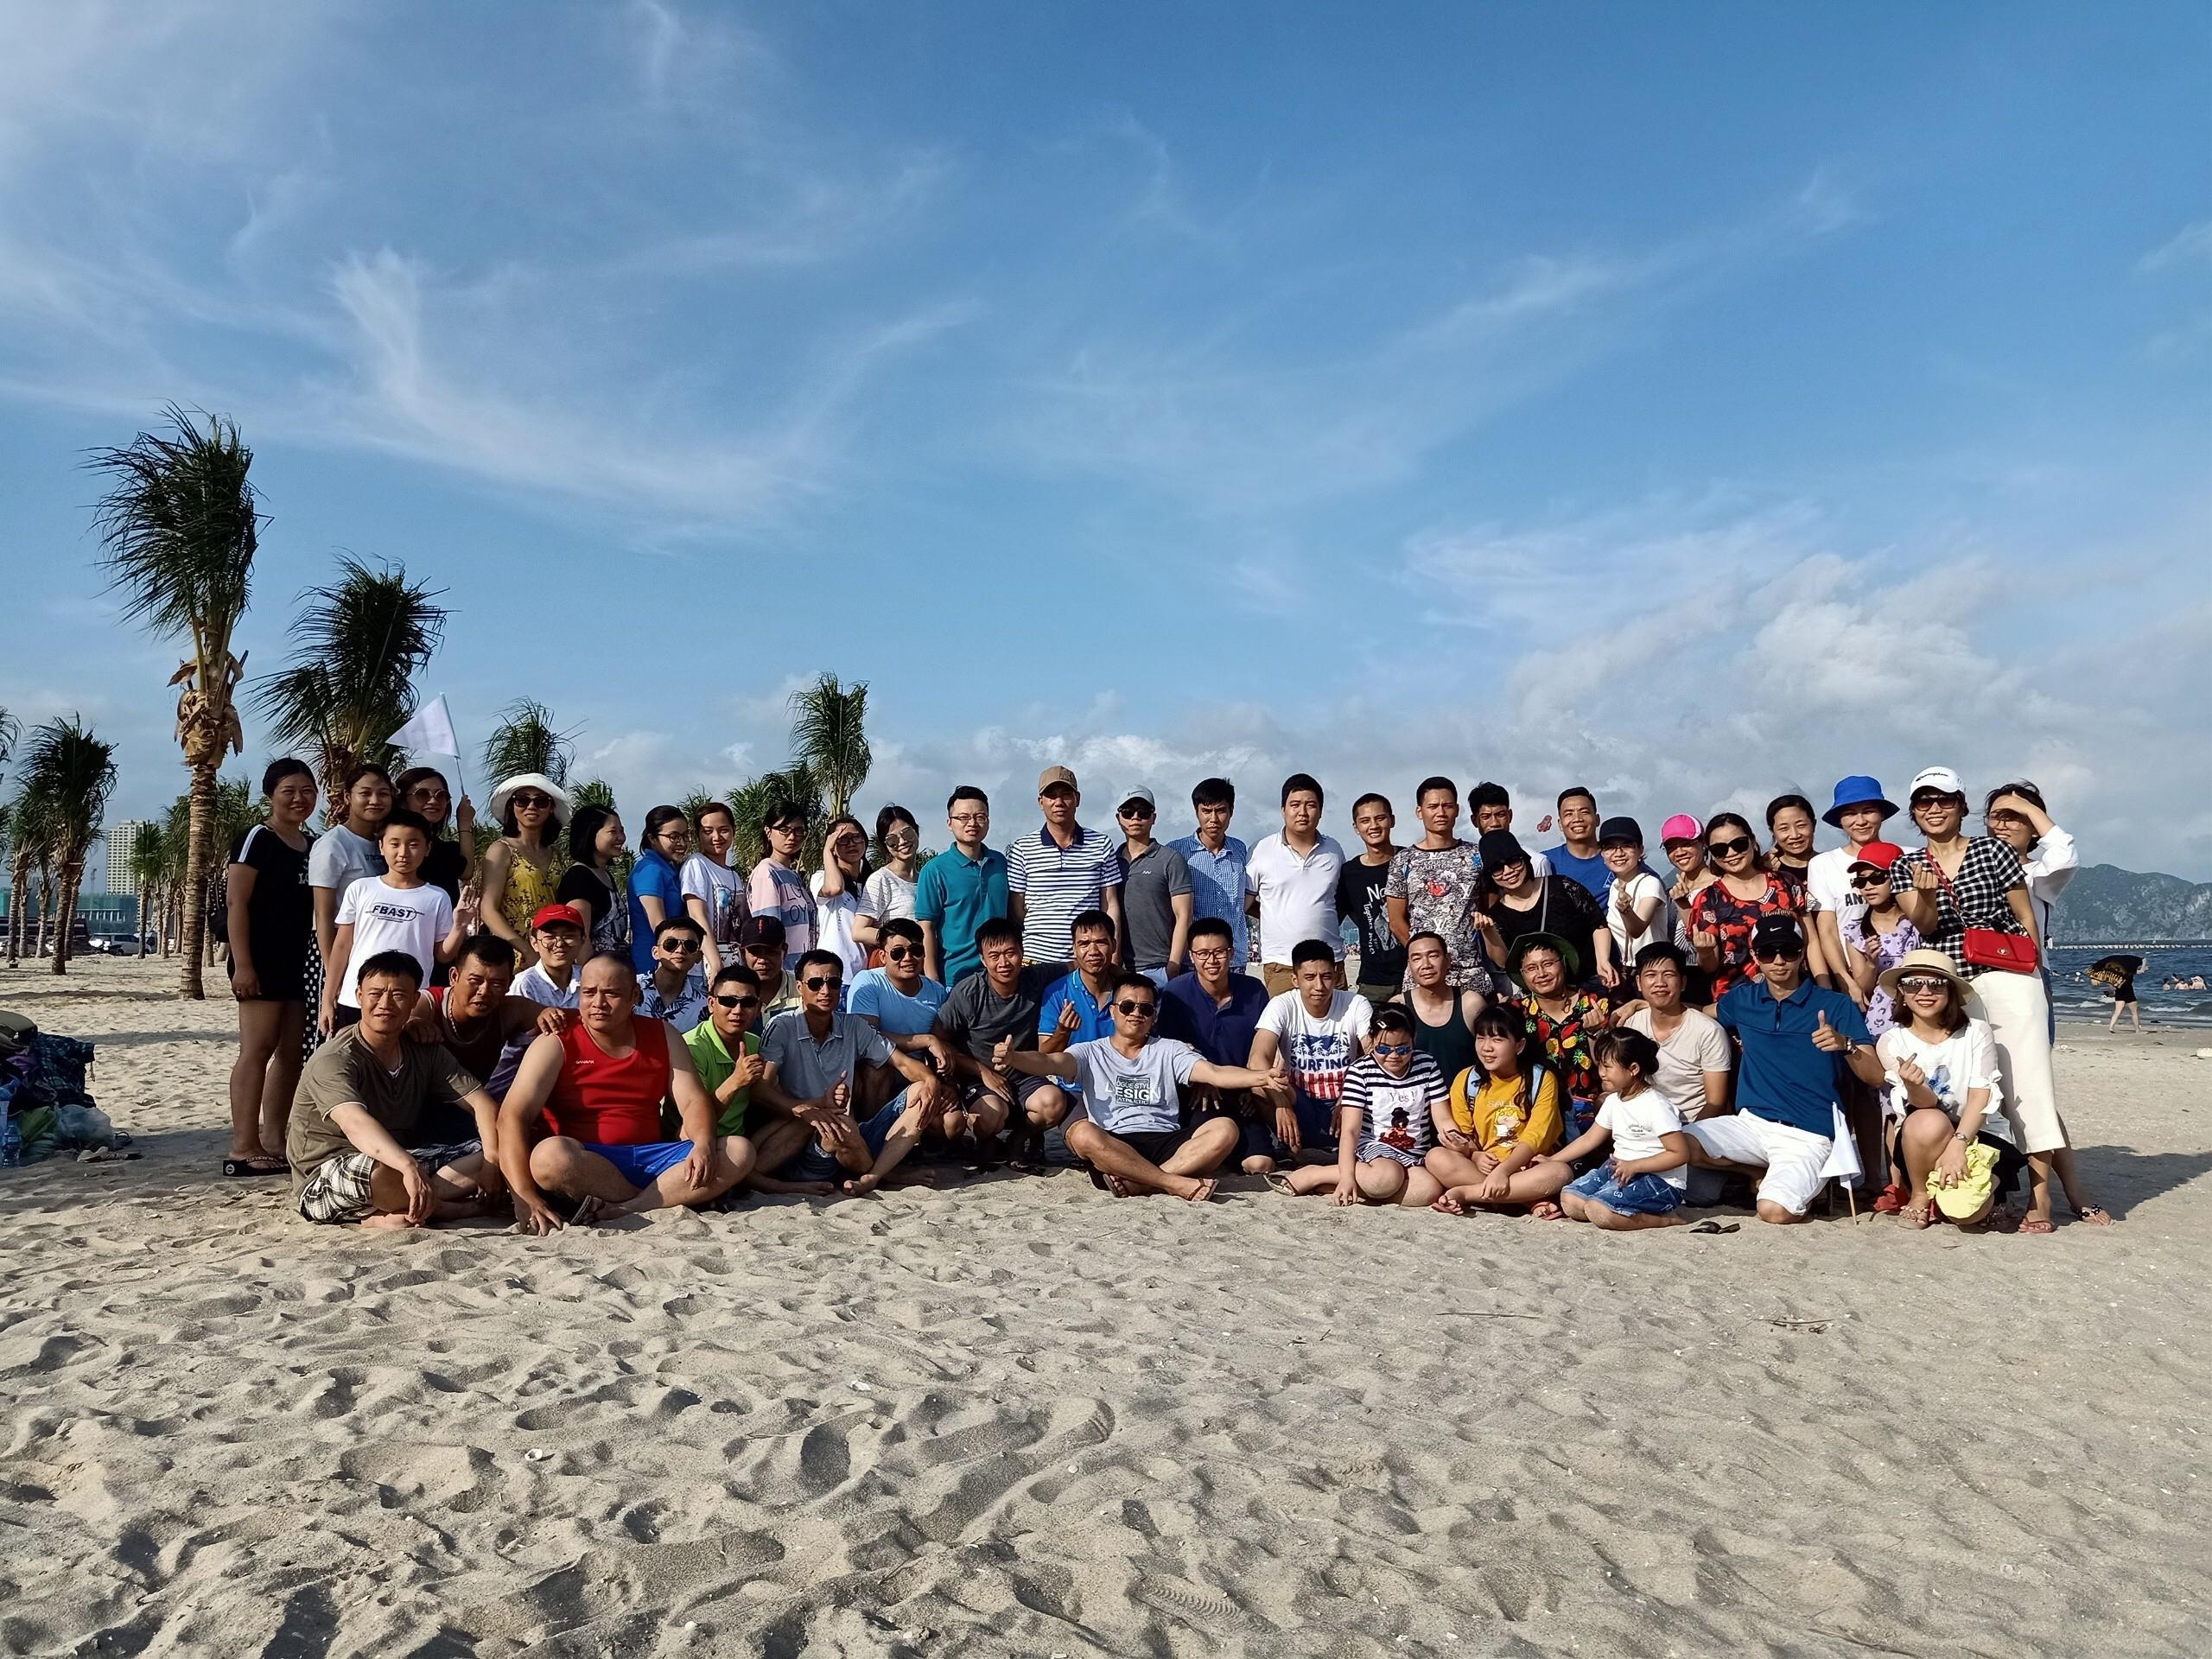 Một số hình ảnh đẹp trong chuyến du lịch hè 2019 của TNN Logistics tại Hạ Long – Quảng Ninh và Mũi Né – Phan Thiết